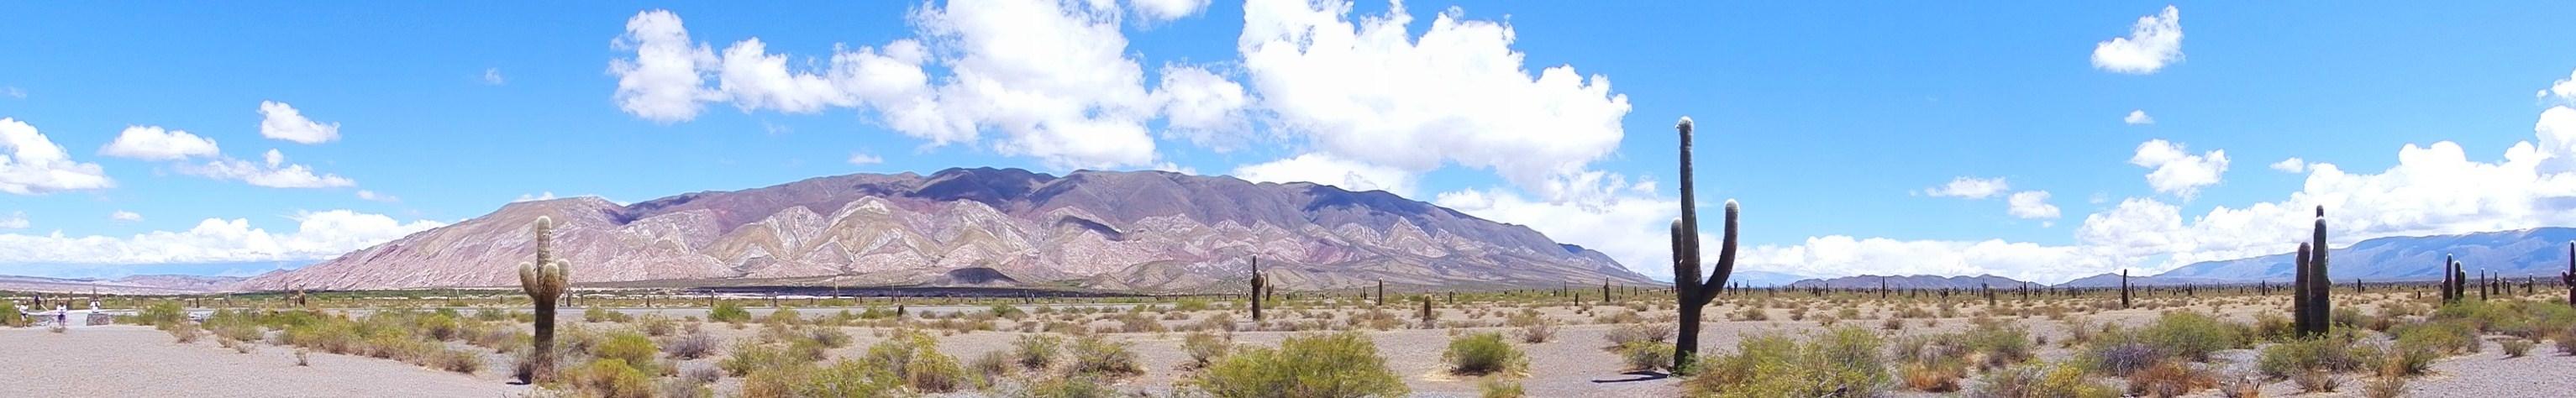 Parque Nacional Los Cardones (2)